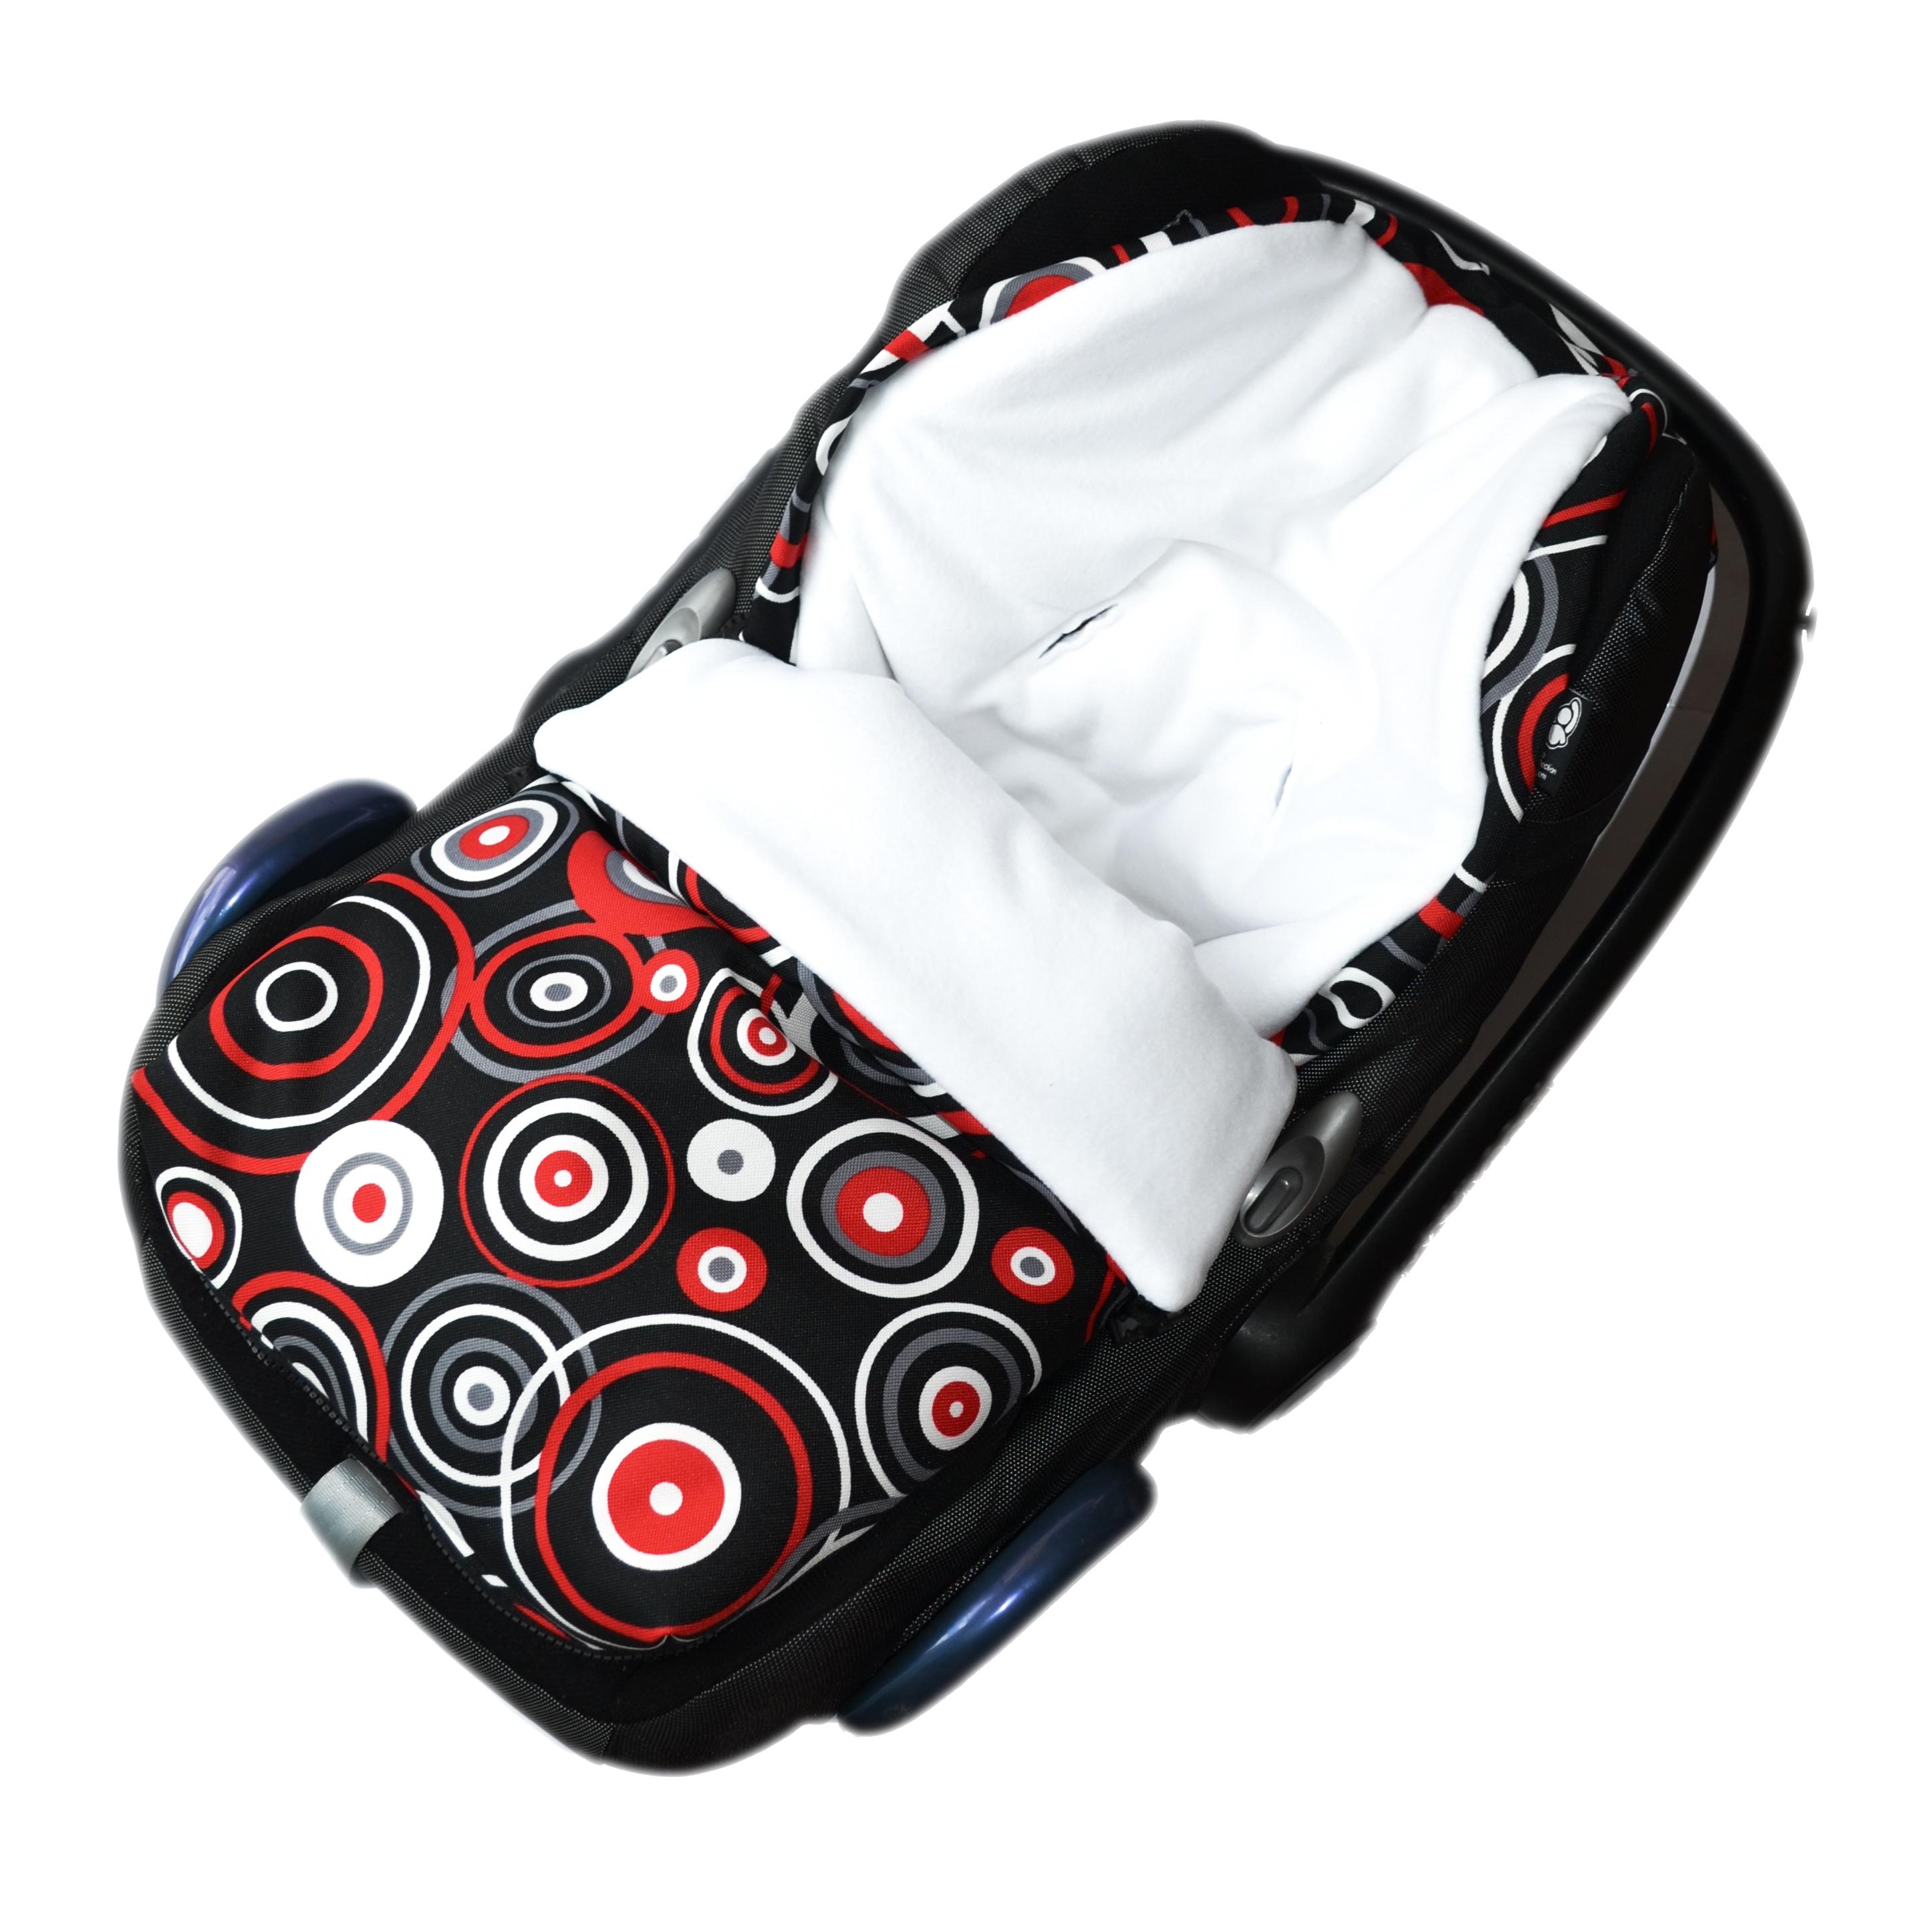 Fusak do autosedačky nebo korbičky - bílý fleece/černá s kruhy (bílé, červené)